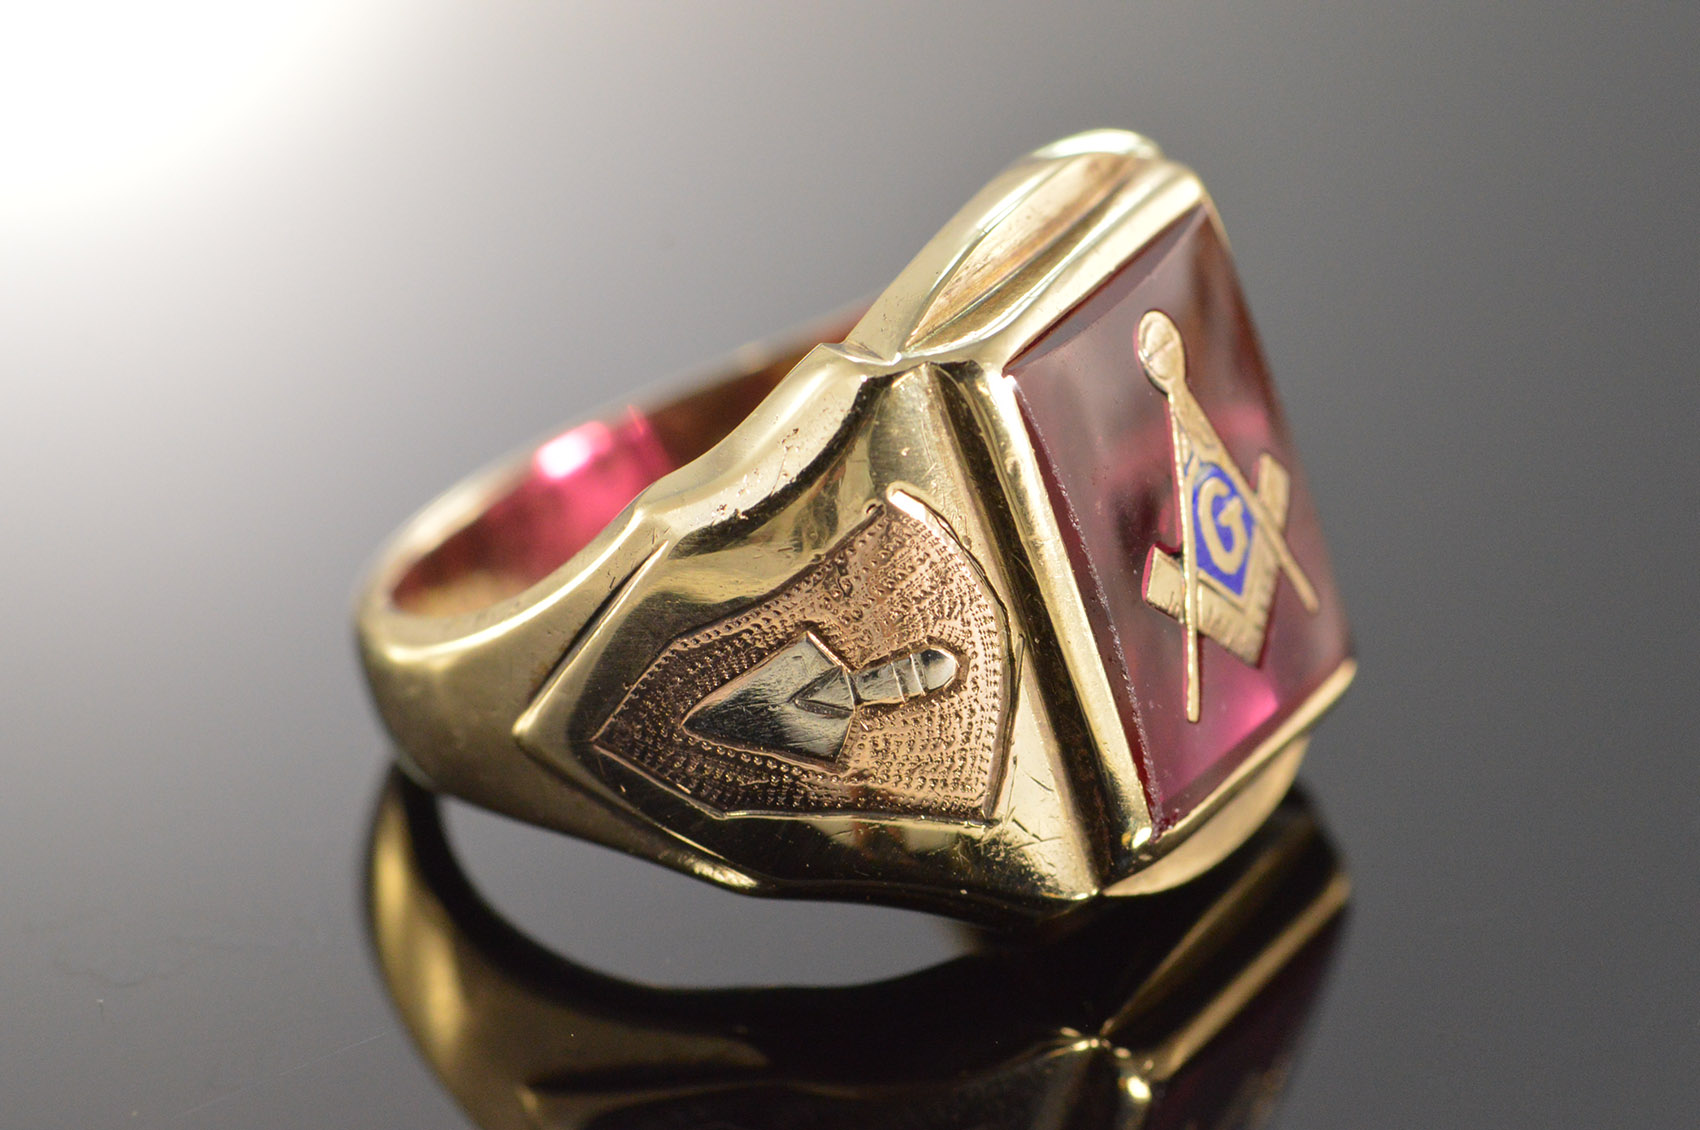 10k 9 3g Red Synthetic Spinel Inset Mason Masonic Emblem